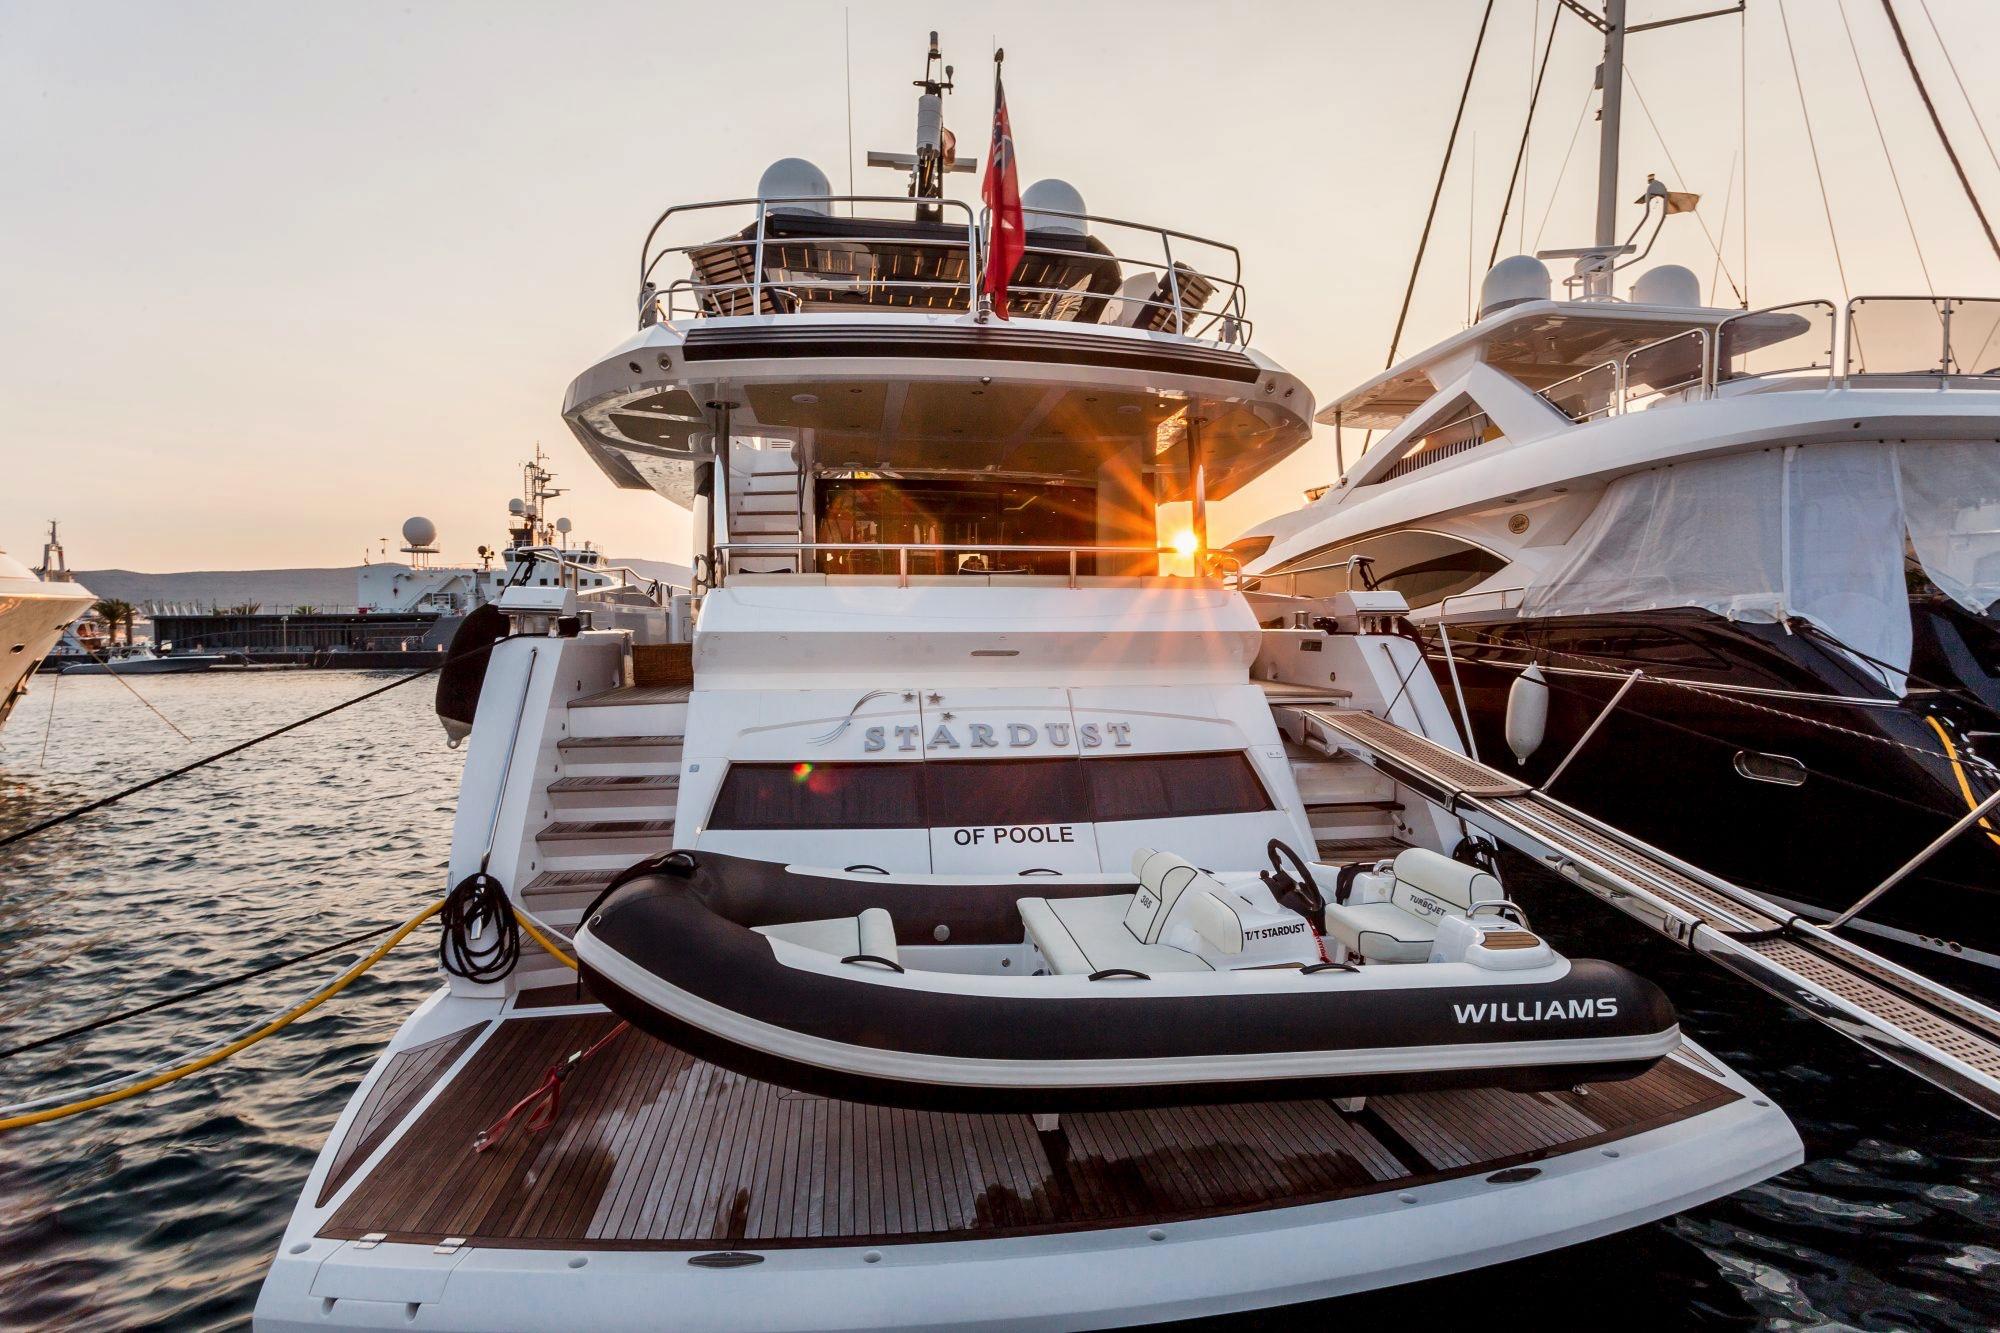 Sunseeker 86 Yacht - Stardust of Poole - Stern View